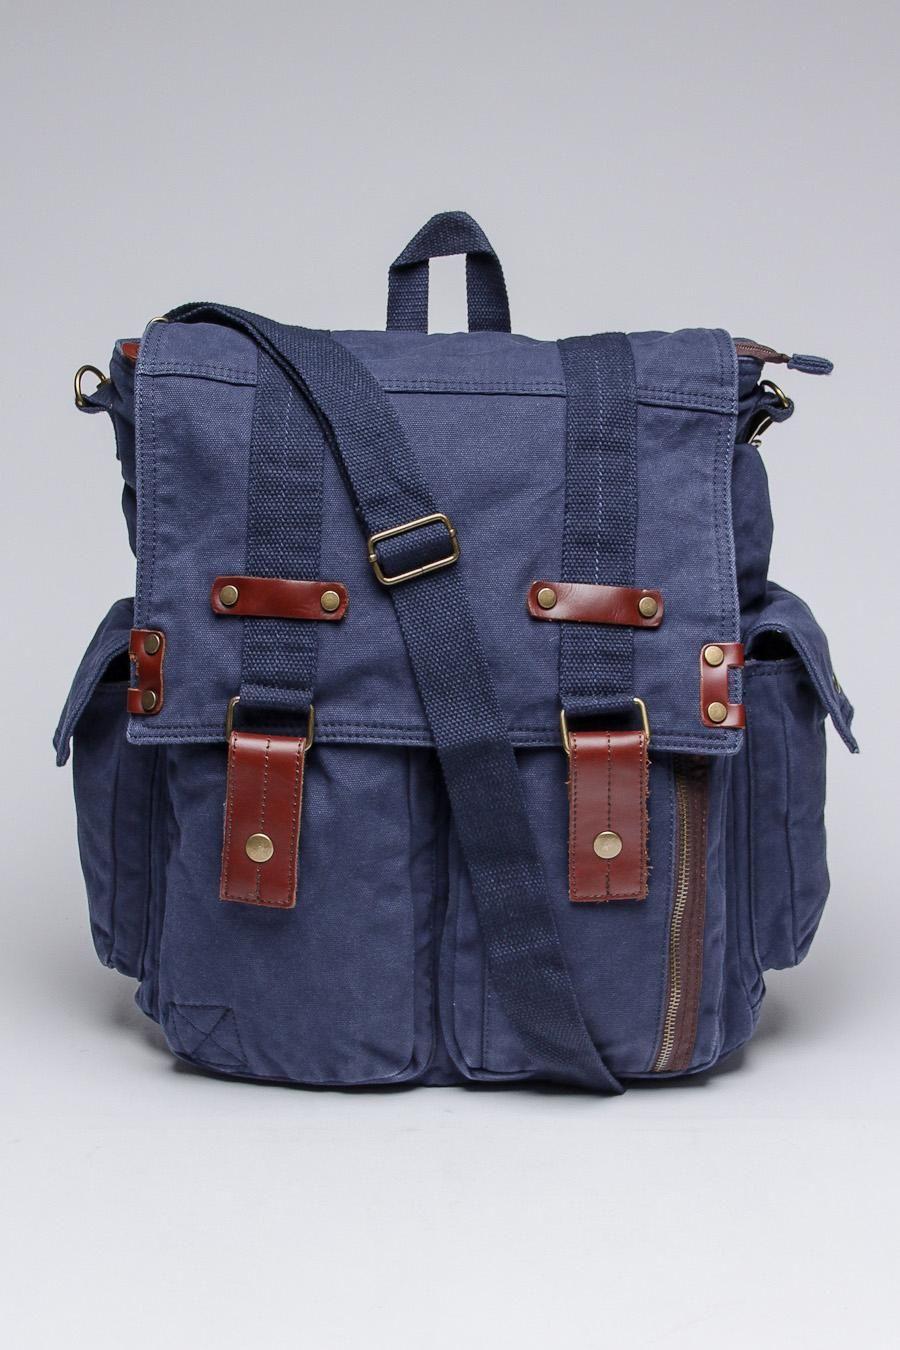 J. Campbell Washed Canvas Backpack/Messenger